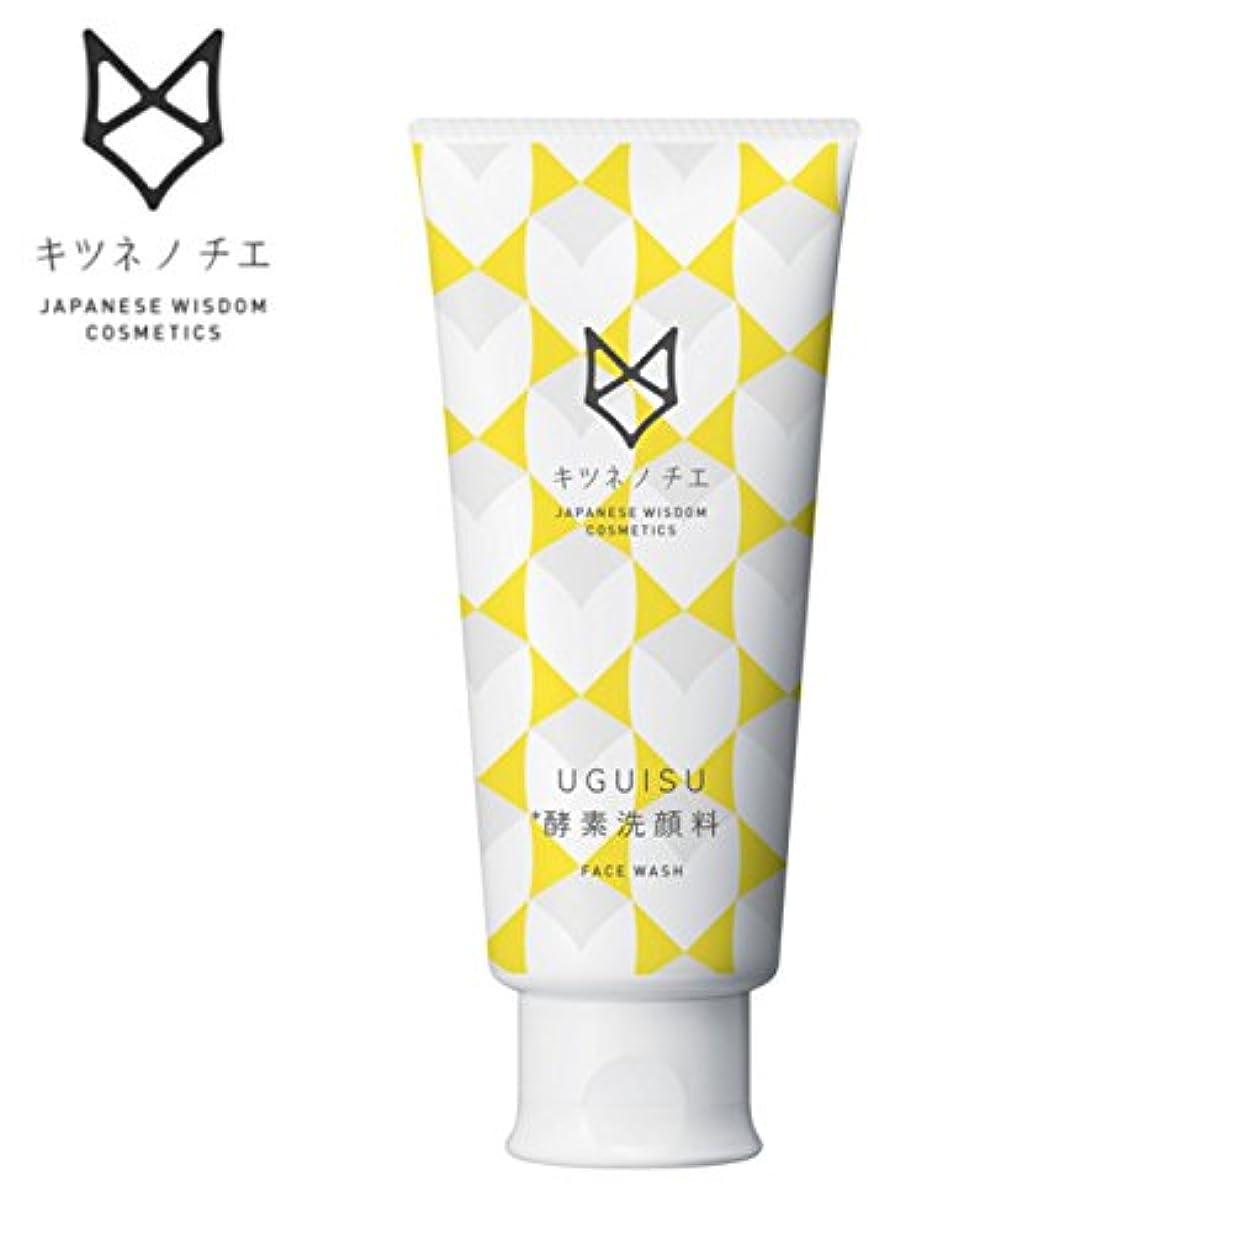 ヘルシー焦がすあごキツネノチエ UGUISU 酵素洗顔料 W70xD40xH155mm